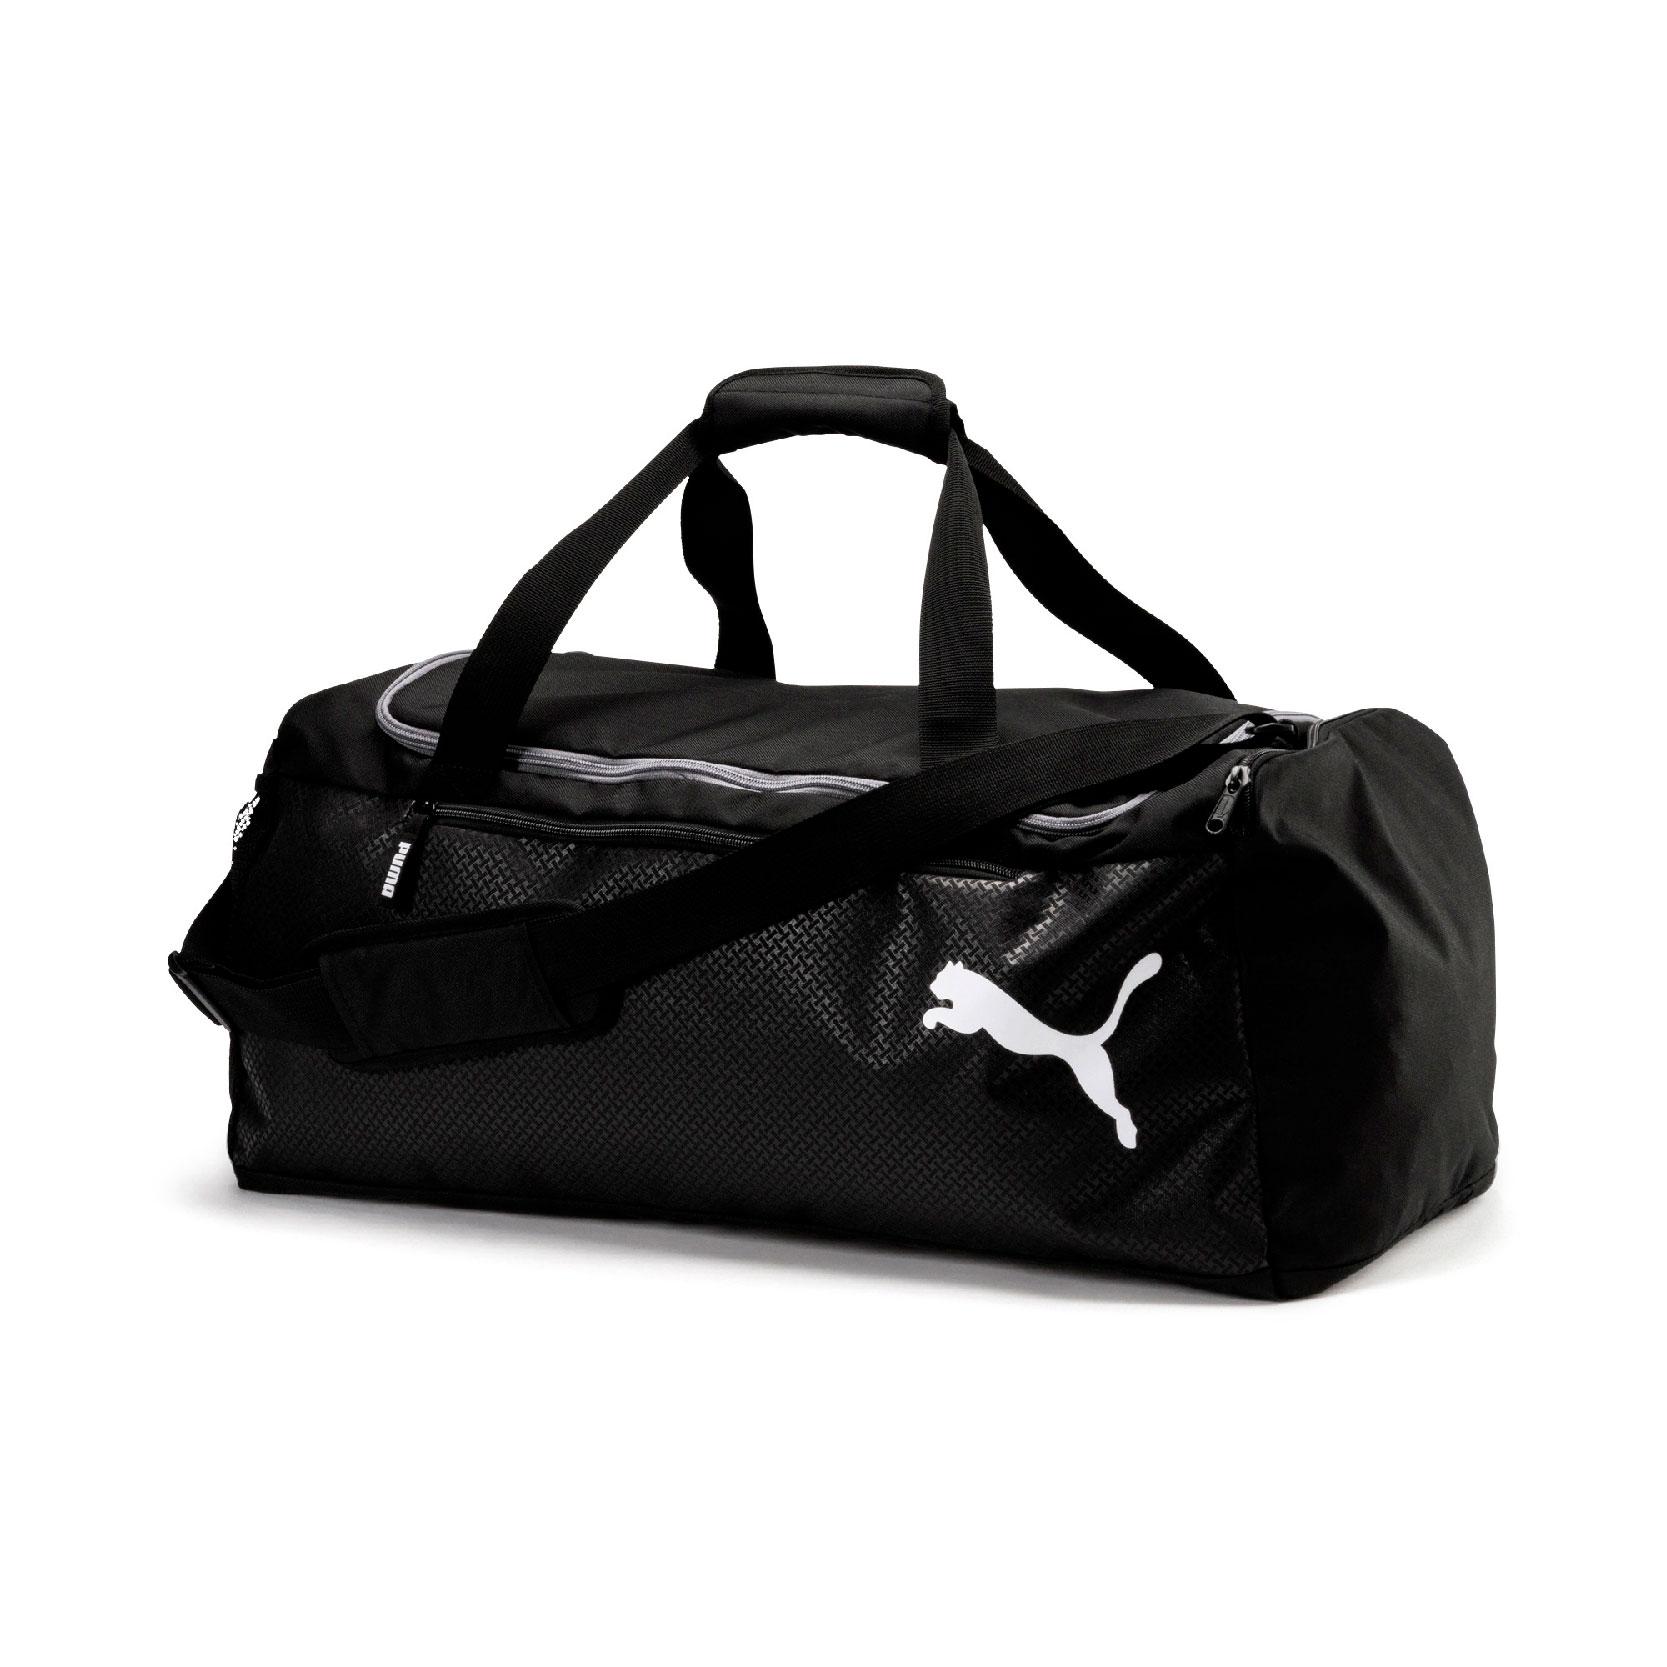 Puma Fundamentals Sports Bag M 075528-01